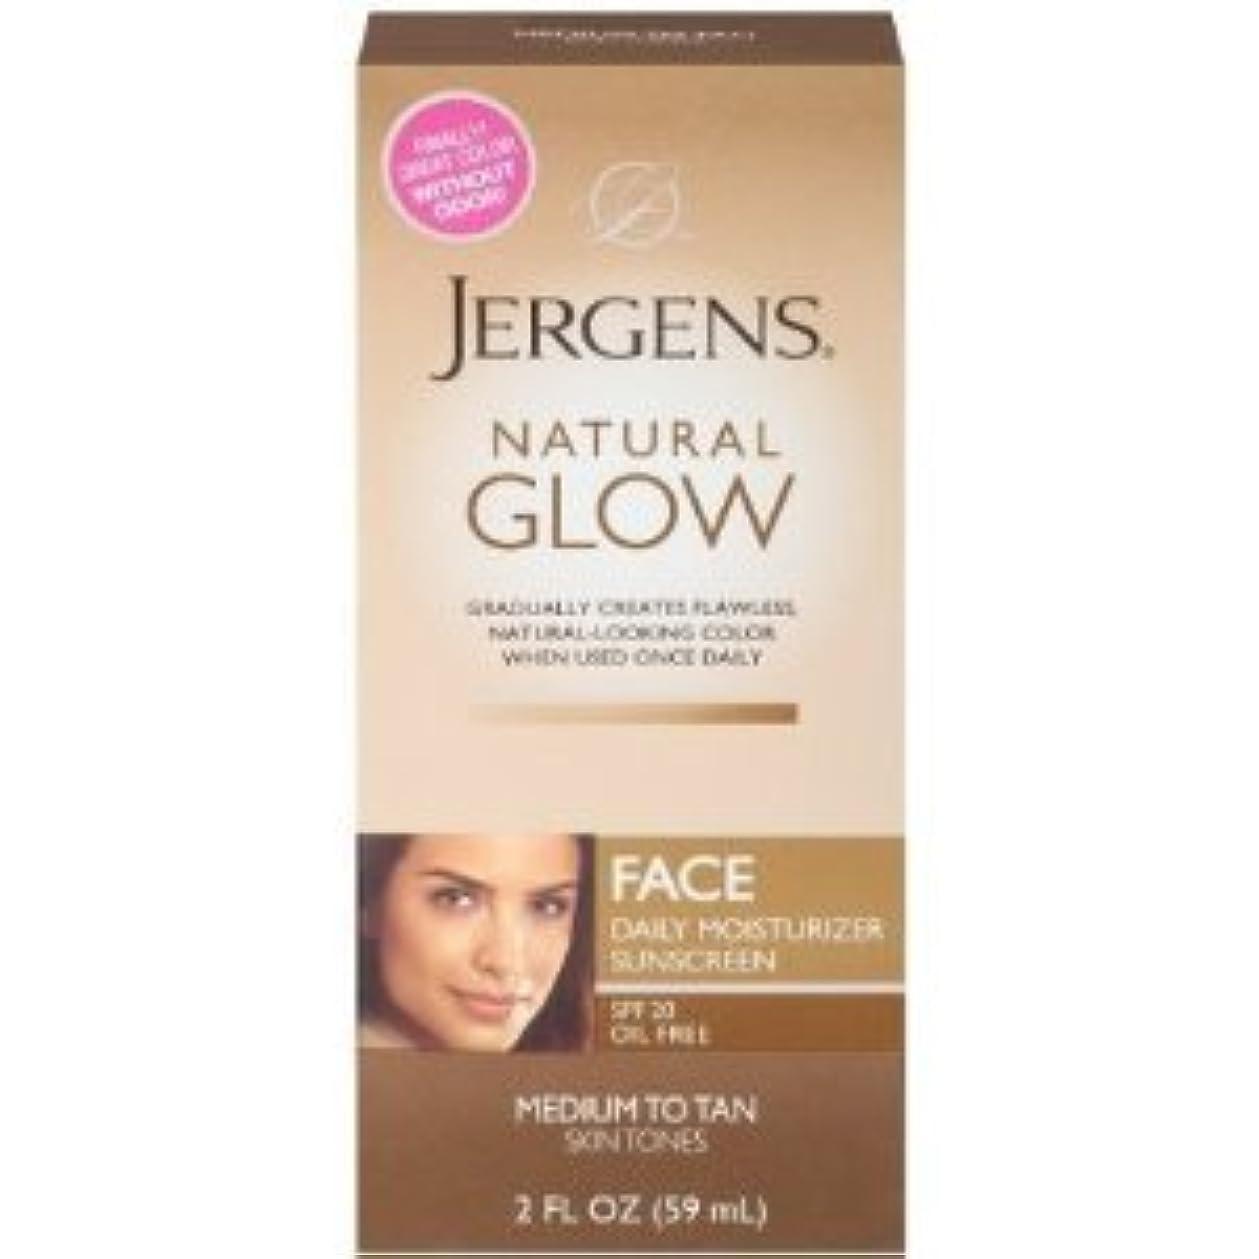 従事したジョグ頬骨Natural Glow Healthy Complexion Daily Facial Moisturizer, SPF 20, Medium to Tan, (59ml) (海外直送品)